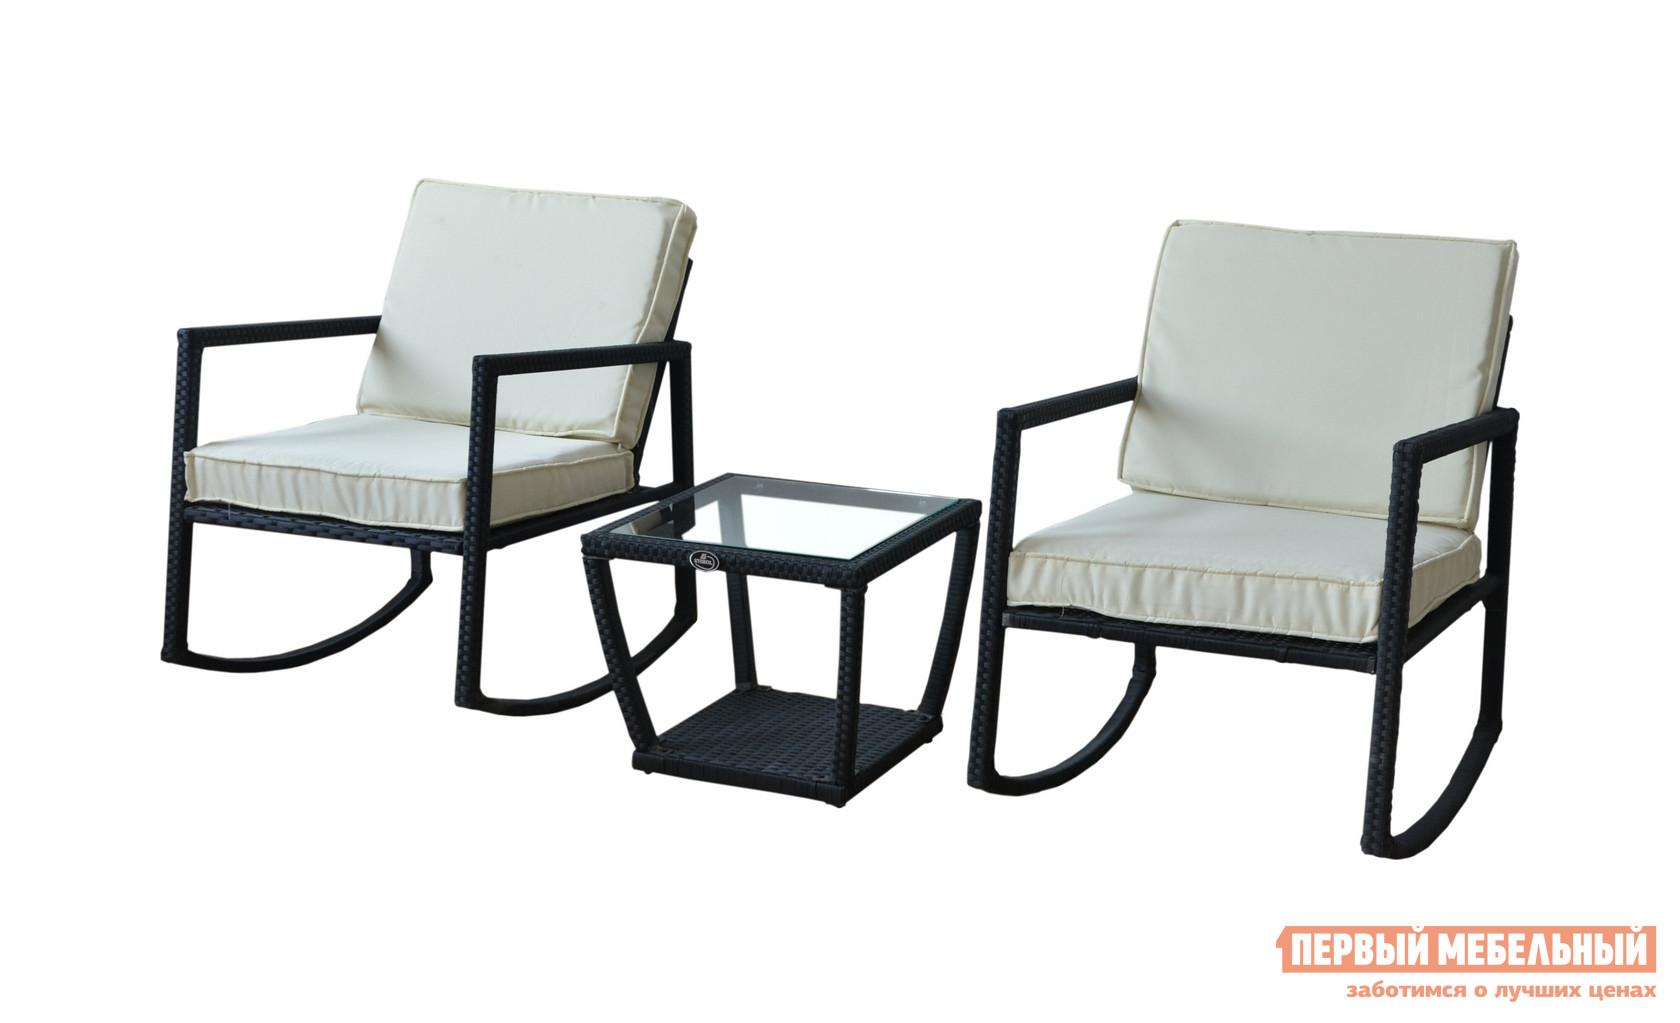 Комплект плетеной мебели Kvimol KM-0320 Черный иск. ротанг / бежевый подушкиКомплекты плетеной мебели<br>Габаритные размеры ВхШхГ 400x500x500 мм. Уютный комплект плетеной мебели для двоих KM-0320 — идеальная деталь для вашего загородного отдыха на свежем воздухе в компании с любимым человеком.  В состав комплекта входят два плетеных кресла-качалки с мягкими подушками и аккуратный стеклянный столик, размеры которого оптимальны для пары чашек кофе и тарелки с лакомствами.  Благодаря использованным материалам, из которых создан этот комплект, мебель неприхотлива к влиянию влаги и солнца, поэтому вы можете ее разместить не только в доме, но и в саду, в беседке или под садовым зонтом. Размеры кресел (ВхШхГ): 760 х 650 х 860 мм. Размеры столика (ВхШхГ): 400 х 500 х 500 мм. Оцинкованный каркас с порошковым покрытием оплетен прочным искусственным ротангом черного цвета.  Съемные подушки на спинке и сиденье толщиной 80 мм имеют обивку из полиэстера бежевого цвета.  Столешница сделана из закаленного стекла толщиной 5 мм.  В комплекте к этому набору поставляется водонепроницаемый чехол, который защитит мебель от осадков в пасмурную погоду.<br><br>Цвет: Черный<br>Цвет: Бежевый<br>Высота мм: 400<br>Ширина мм: 500<br>Глубина мм: 500<br>Кол-во упаковок: 1<br>Форма поставки: В собранном виде<br>Срок гарантии: 1 год<br>Тип: Плетеная<br>Тип: С журнальным столом<br>Тип: С кофейным столом<br>Тип: Со стульями<br>Материал: Искусственный ротанг<br>Вместимость: На 2 персоны<br>С подлокотниками: Да<br>С подушкой: Да